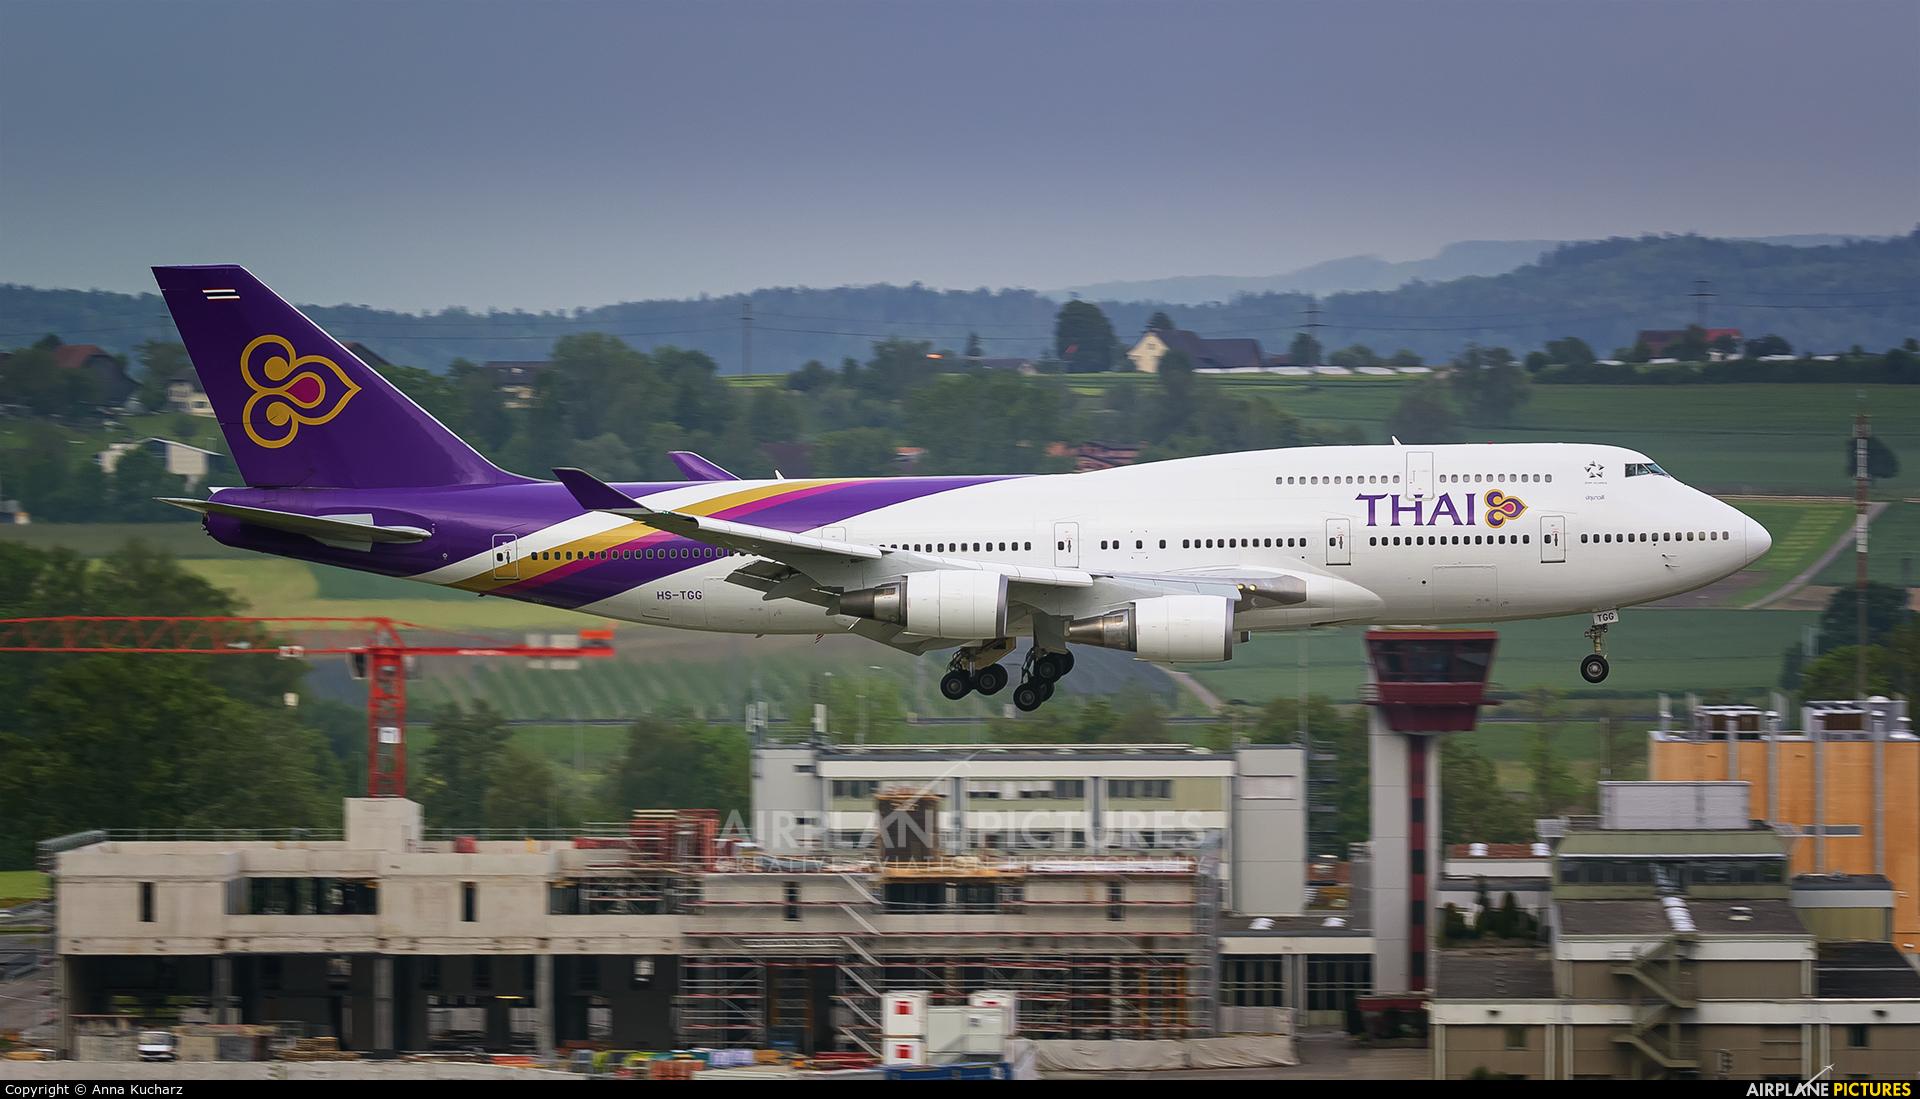 Thai Airways HS-TGG aircraft at Zurich